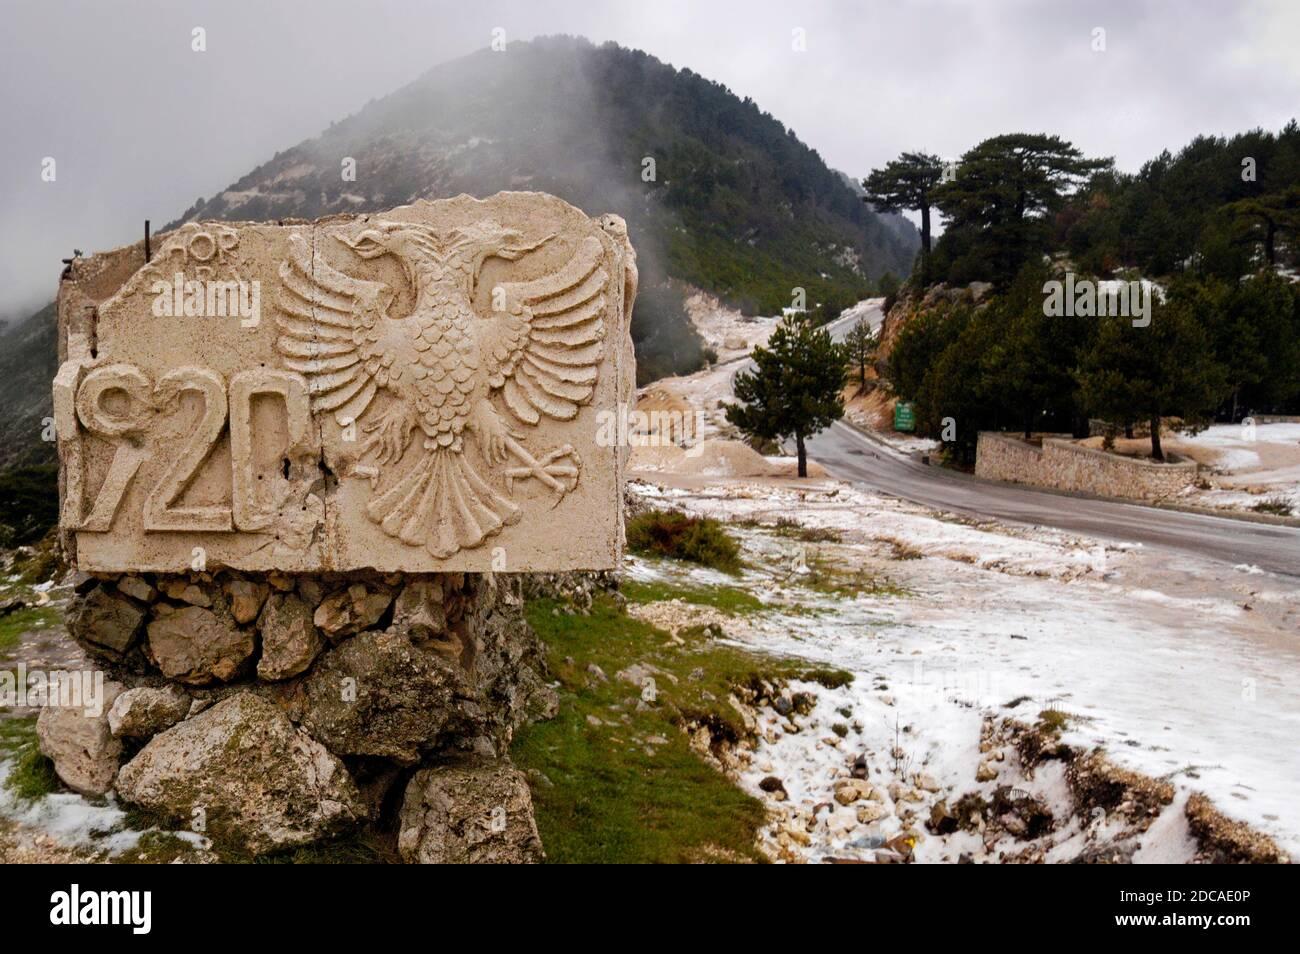 Propagande communiste, Albanie du sud Banque D'Images